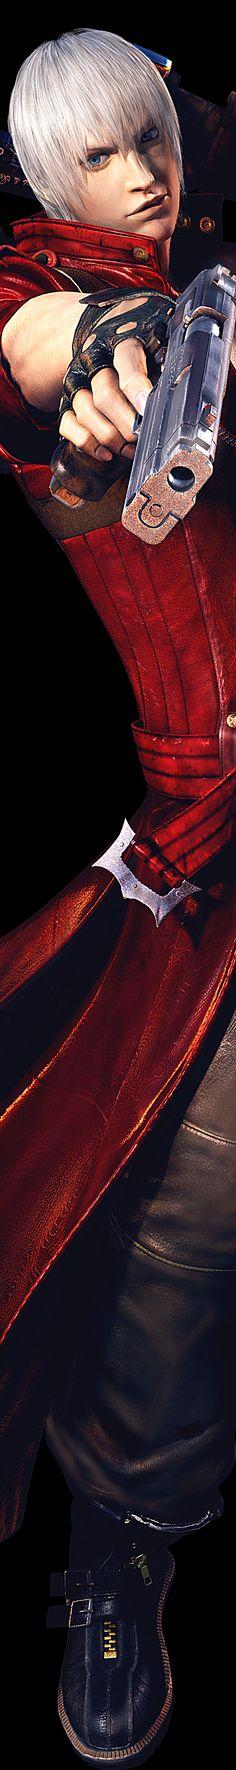 Dante - Devil May Cry                                                                                                                                                                                 Más